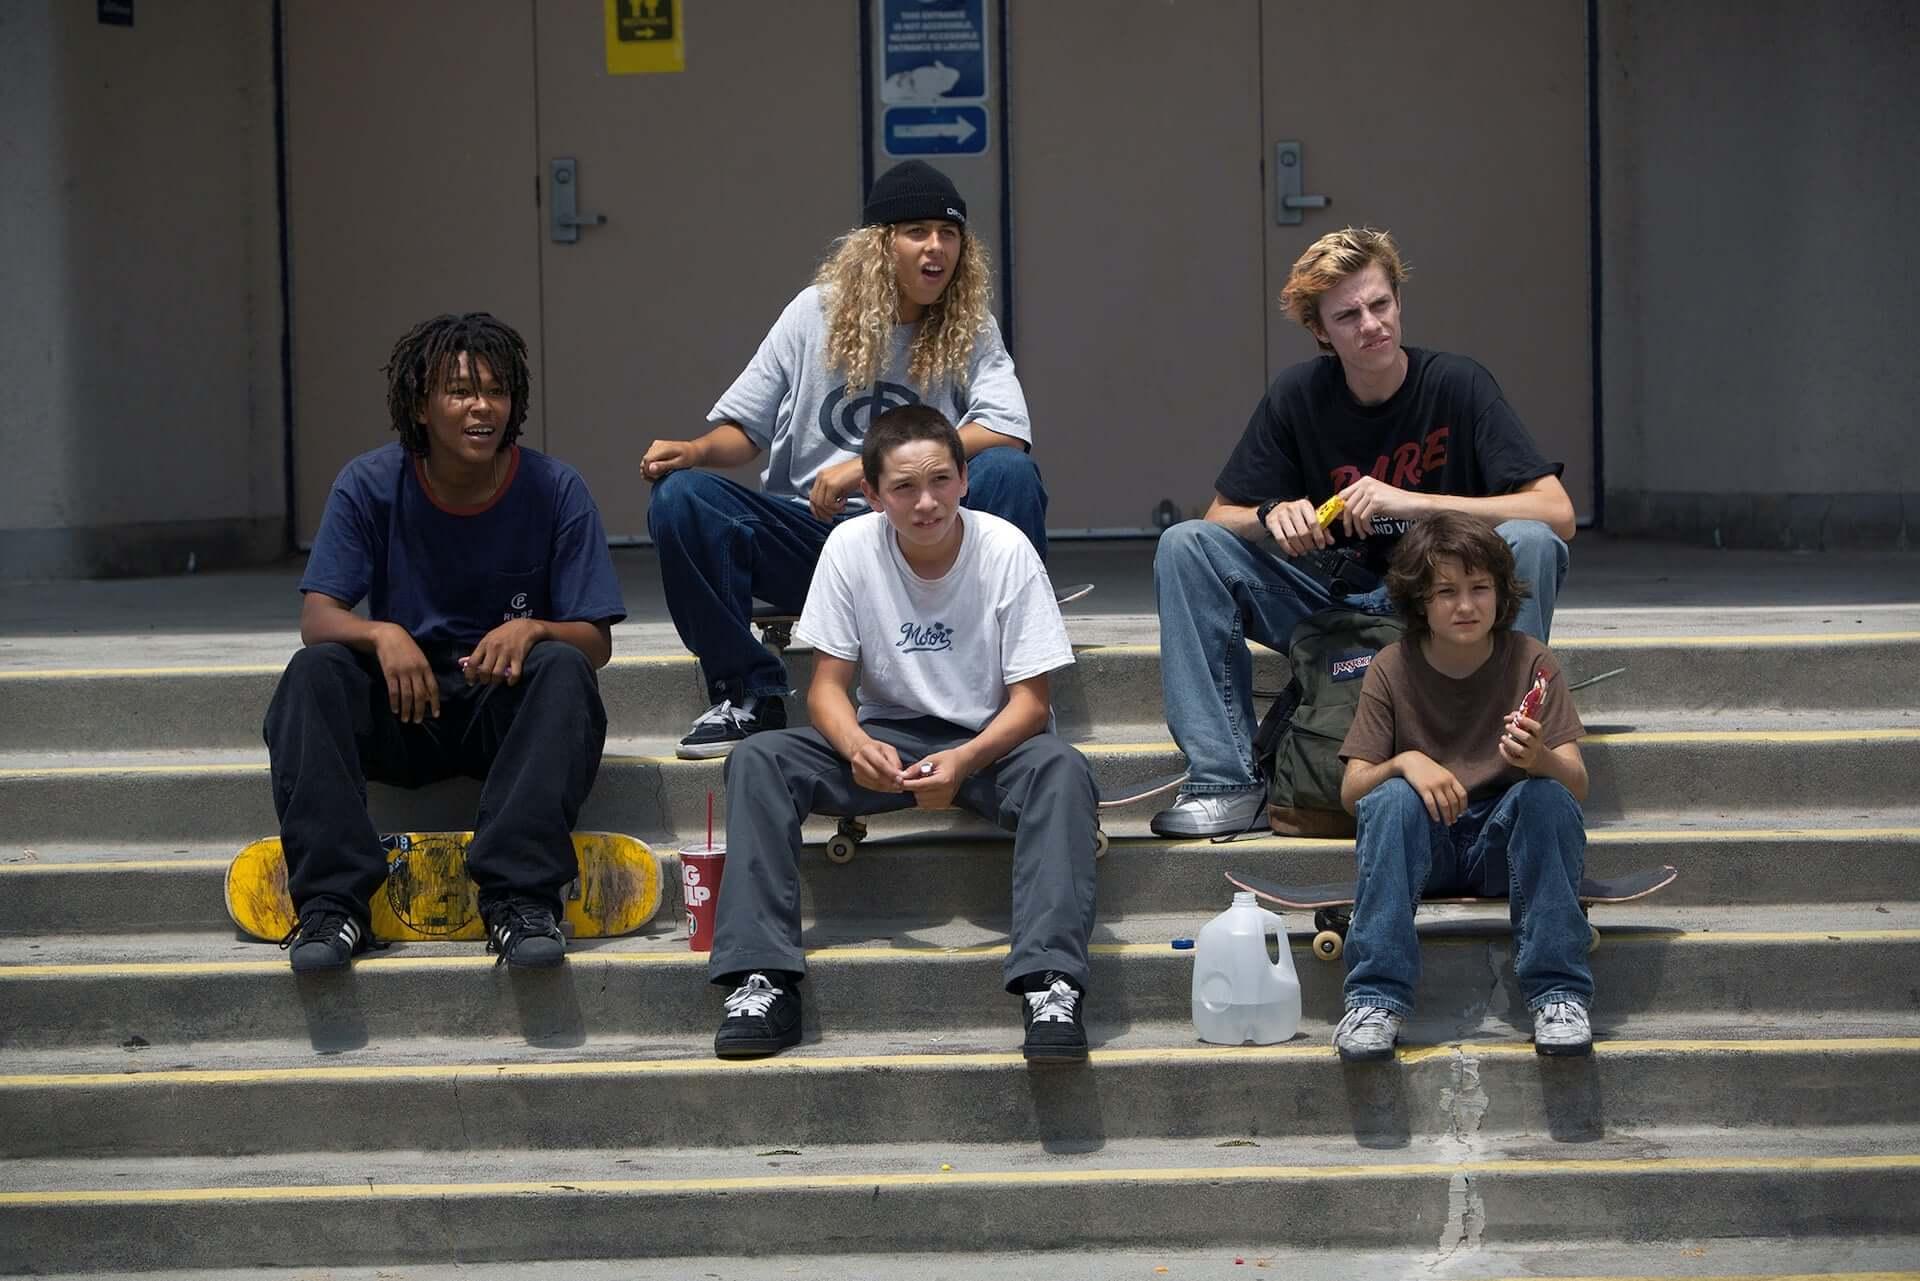 ジョナ・ヒルがA24とタッグを組んだ初監督作!90年代を舞台に描いた青春映画『mid90s ミッドナインティーズ』本予告映像が解禁 film200730_mid90s_5-1920x1281